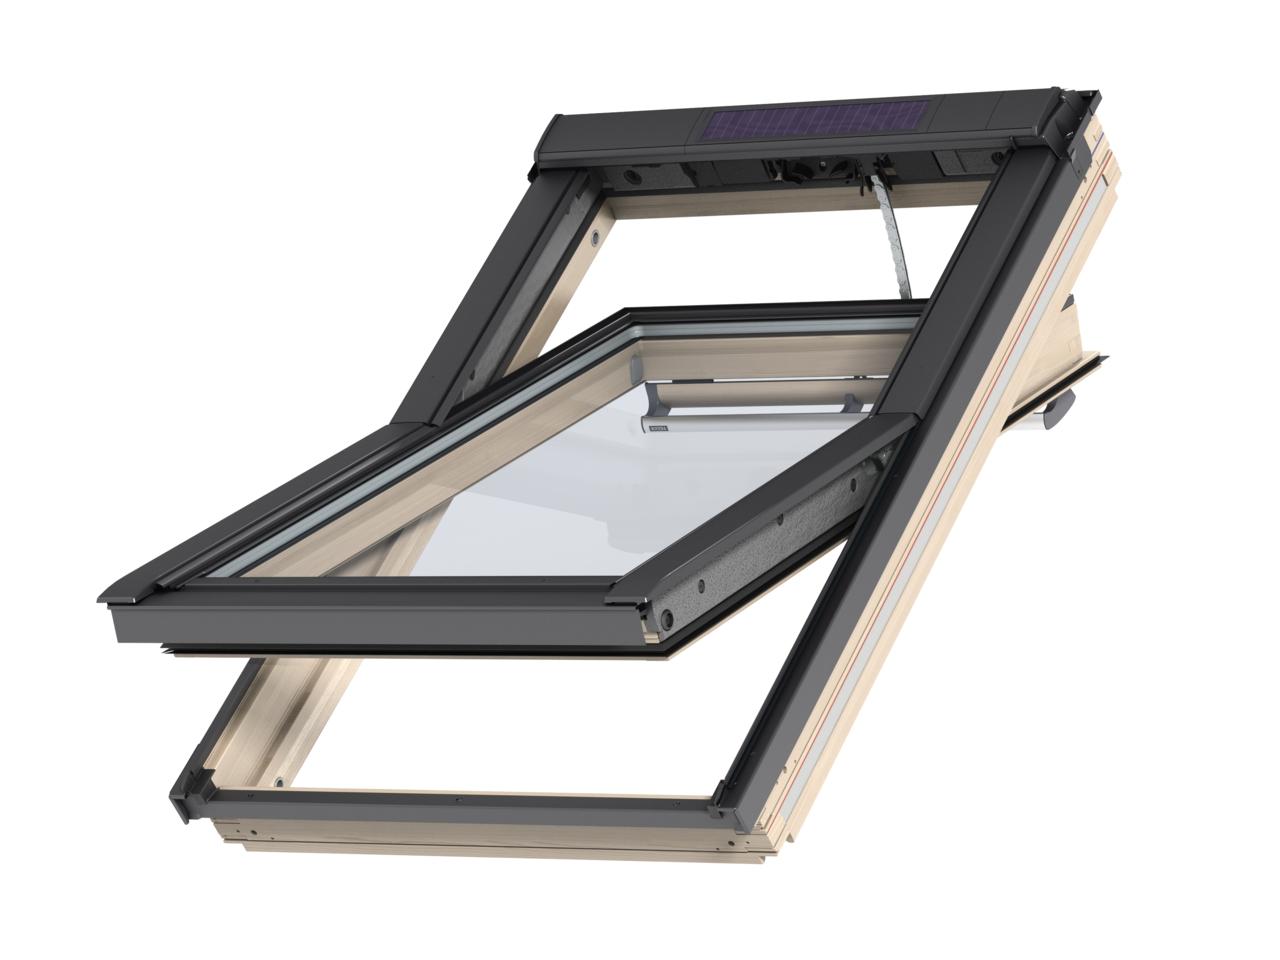 VELUX Elektricky ovládané okno GGL 306830 Solar rozměr: MK06 78x118 cm